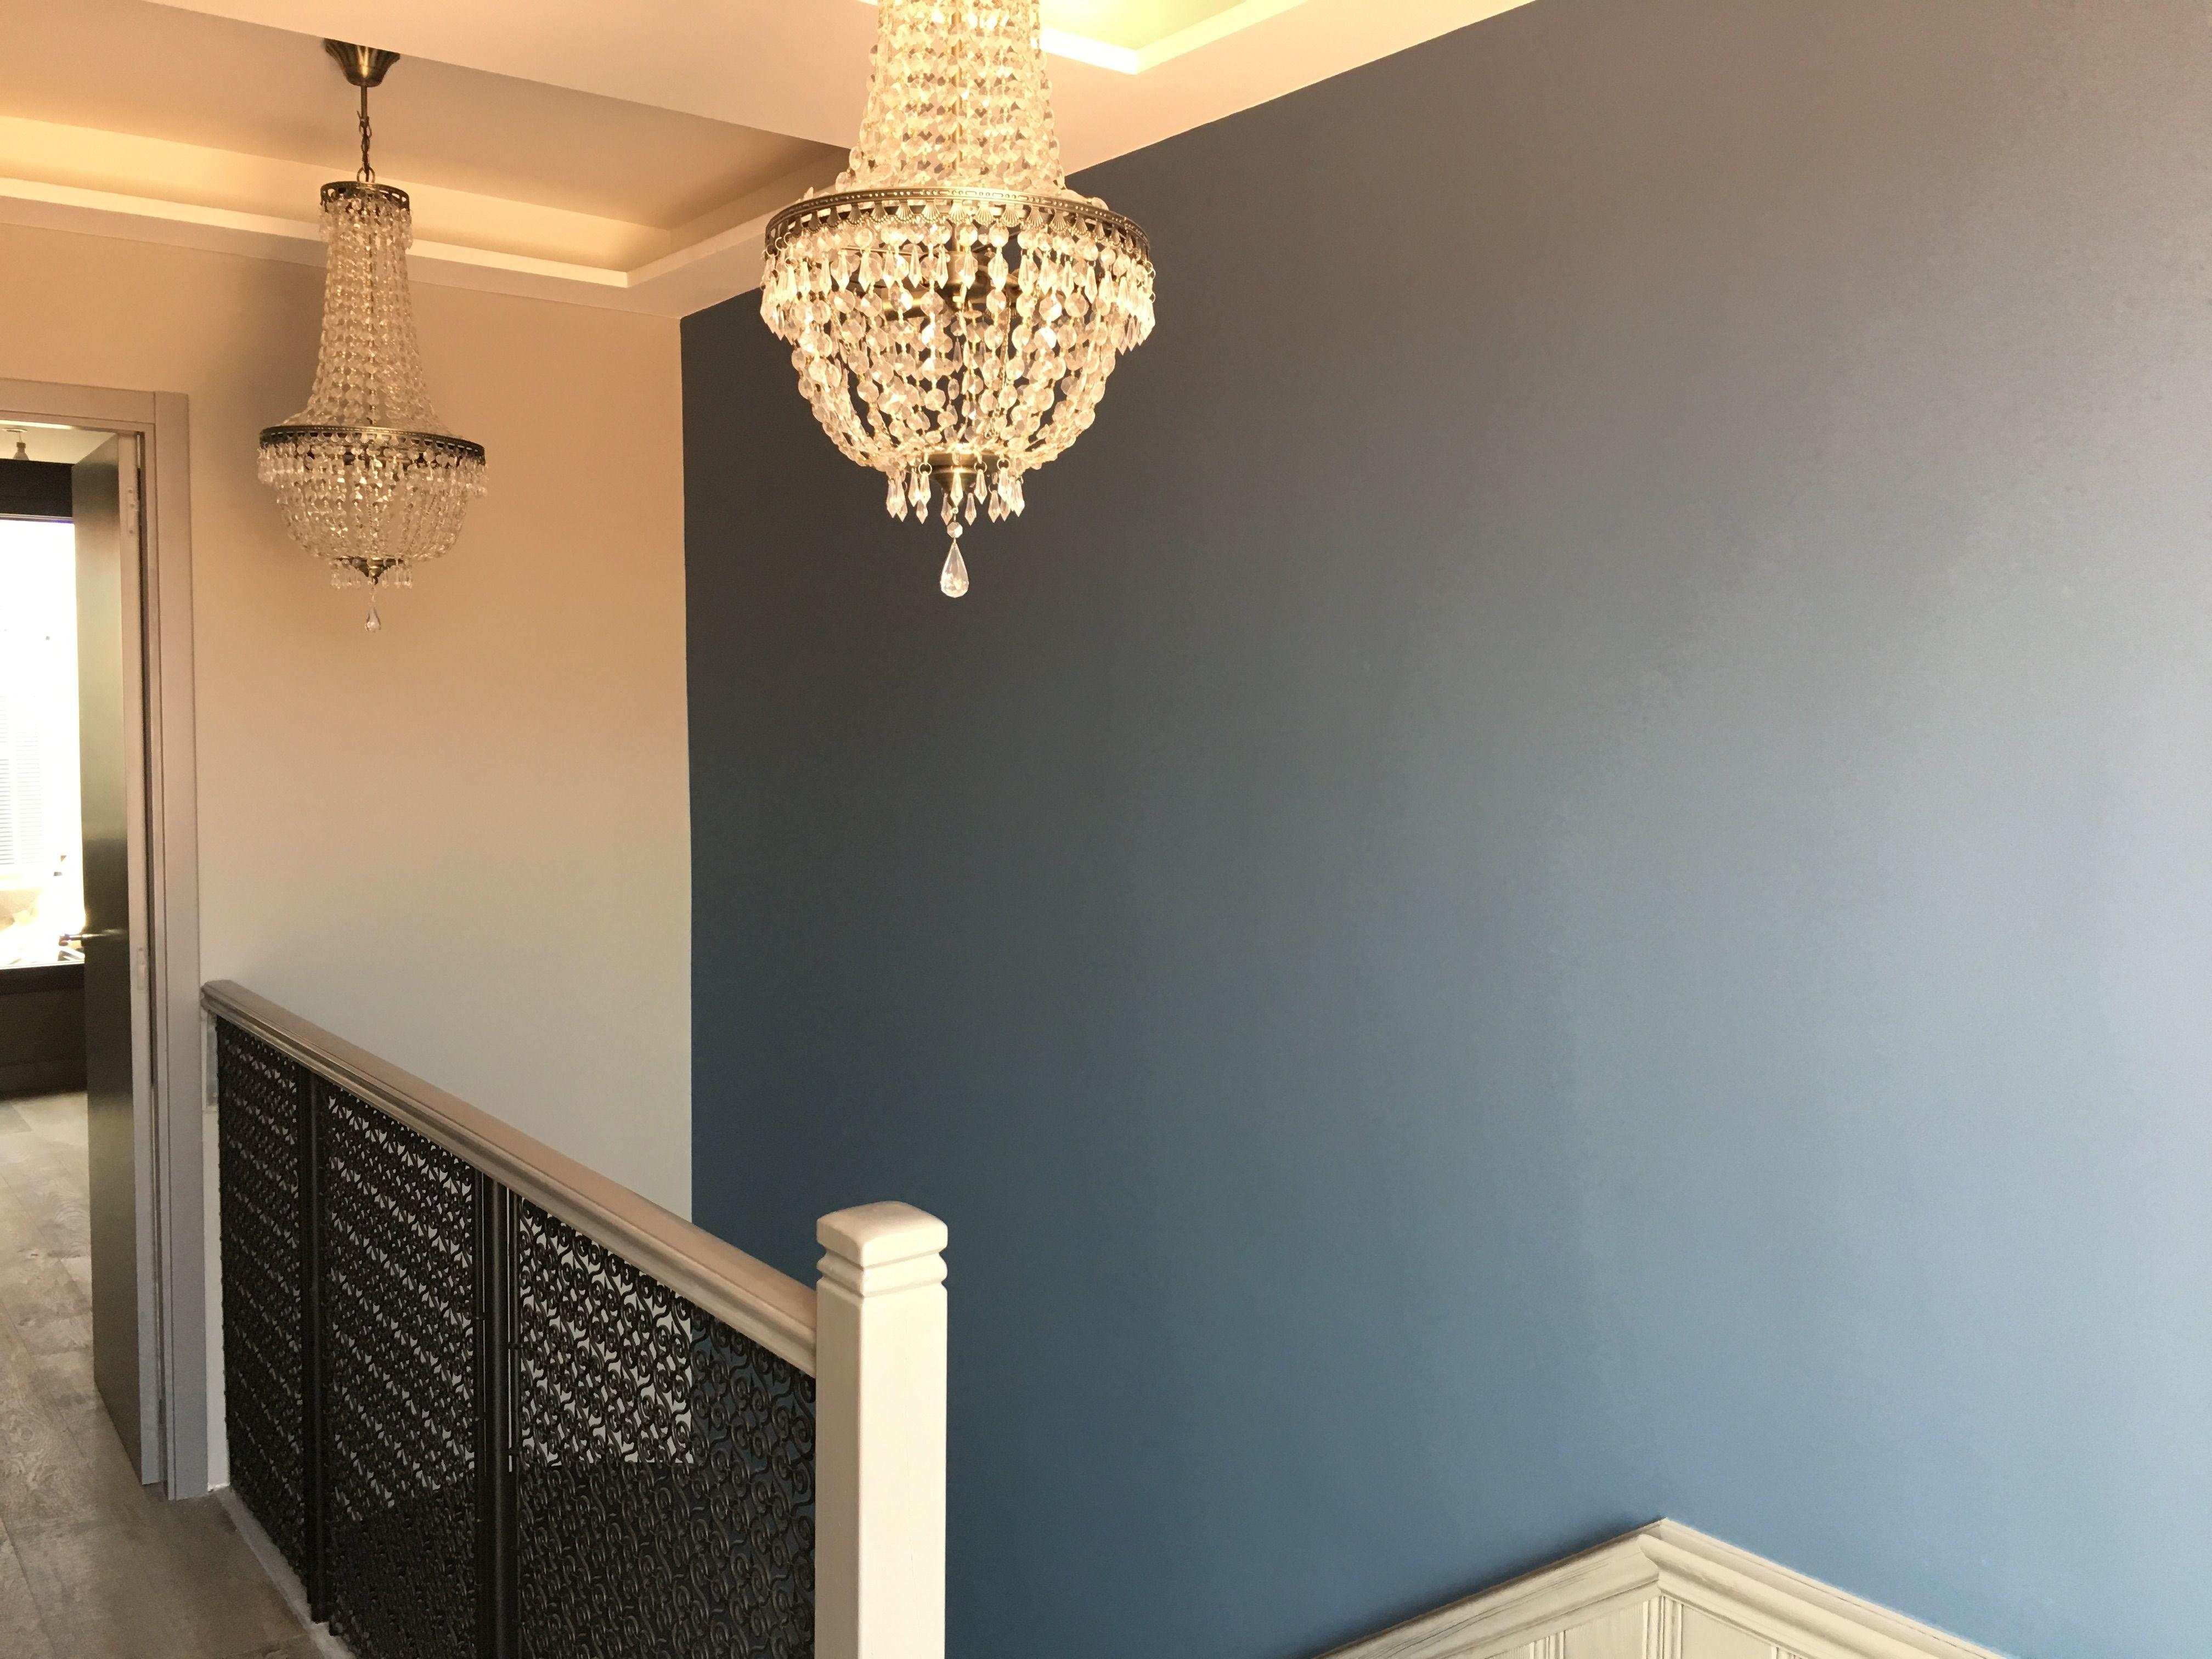 chandeliers interior design by fz architecture interior design rh pinterest com